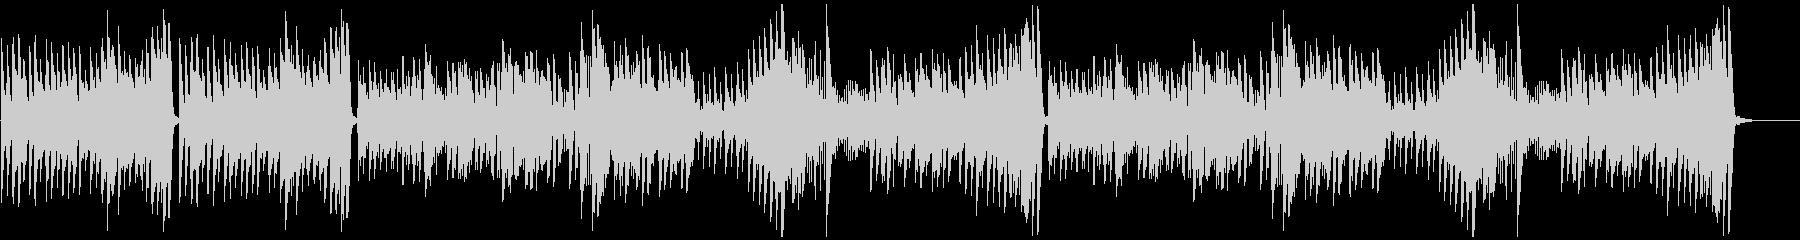 調理シーン等に最適のピアノソロ曲02の未再生の波形